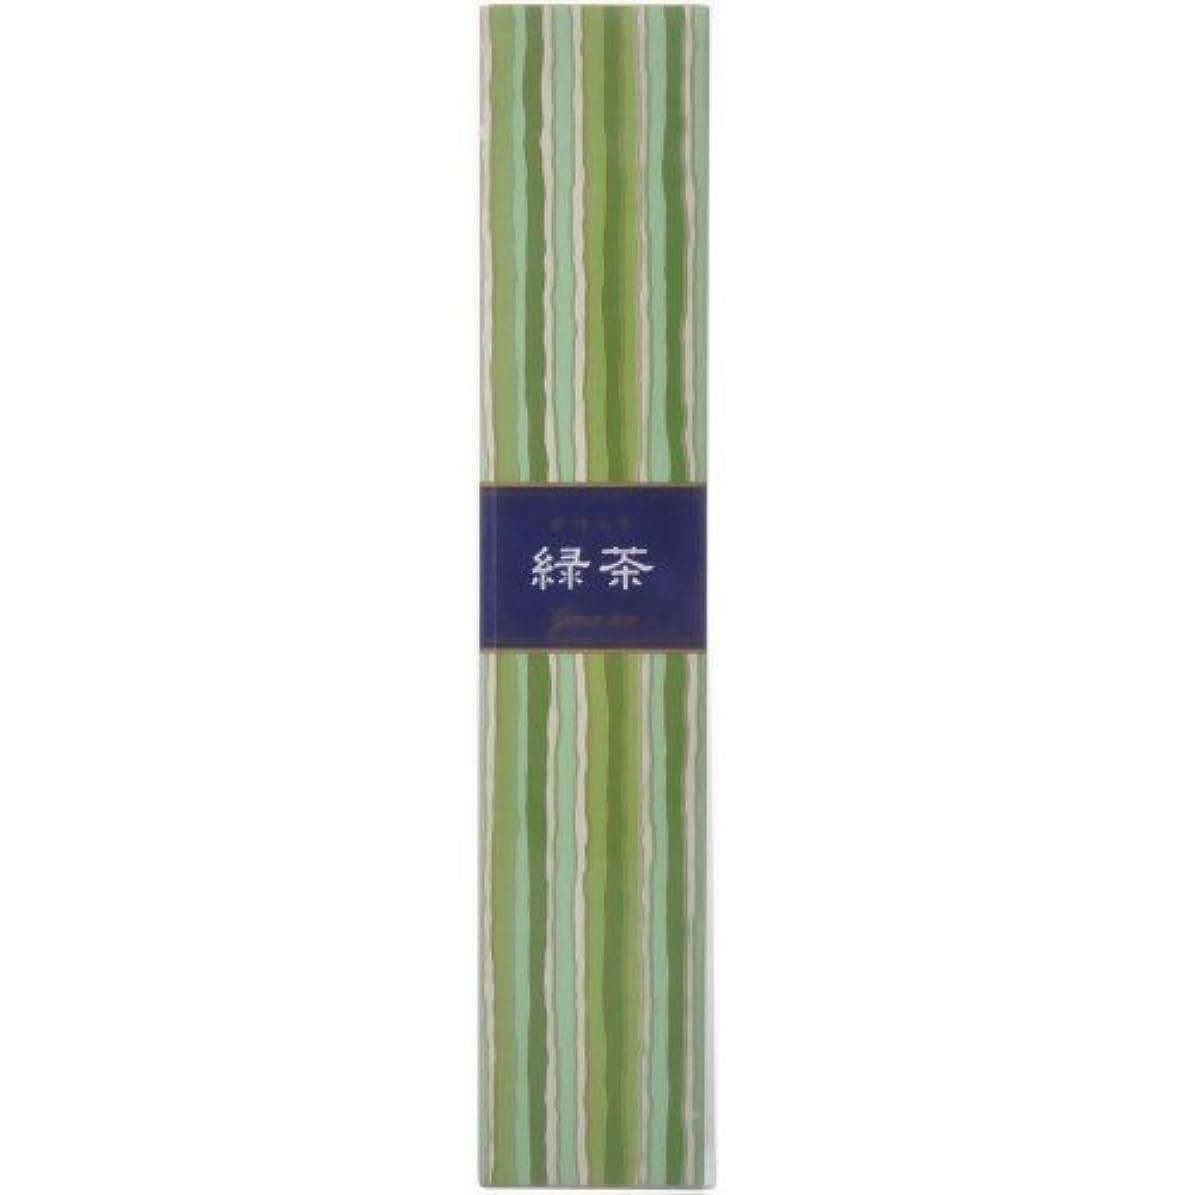 ハック郵便キャリア【セット品】かゆらぎ 緑茶 スティック40本入 香立付 ×3個